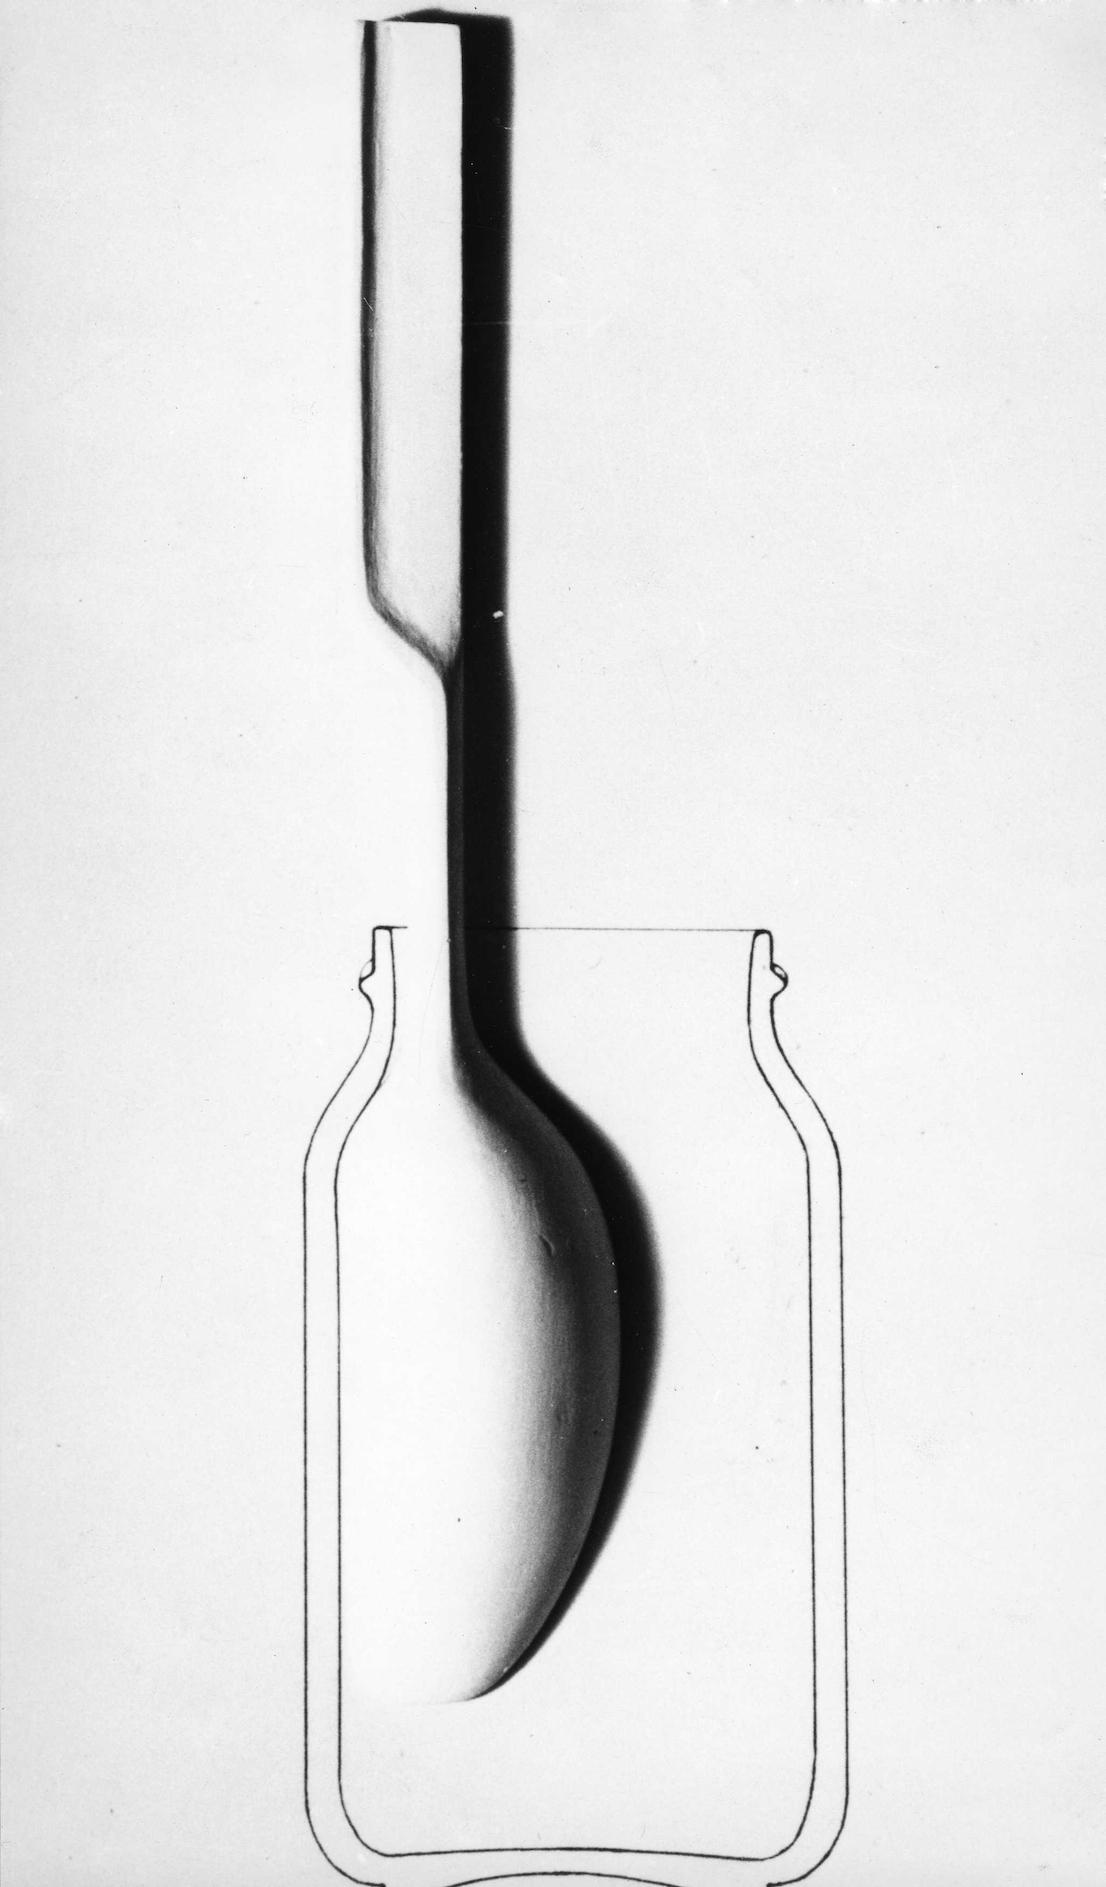 Sleek, design di/by Achille Castiglioni e/and Pier Giacomo Castiglioni, 1962. Schizzo/Sketch.